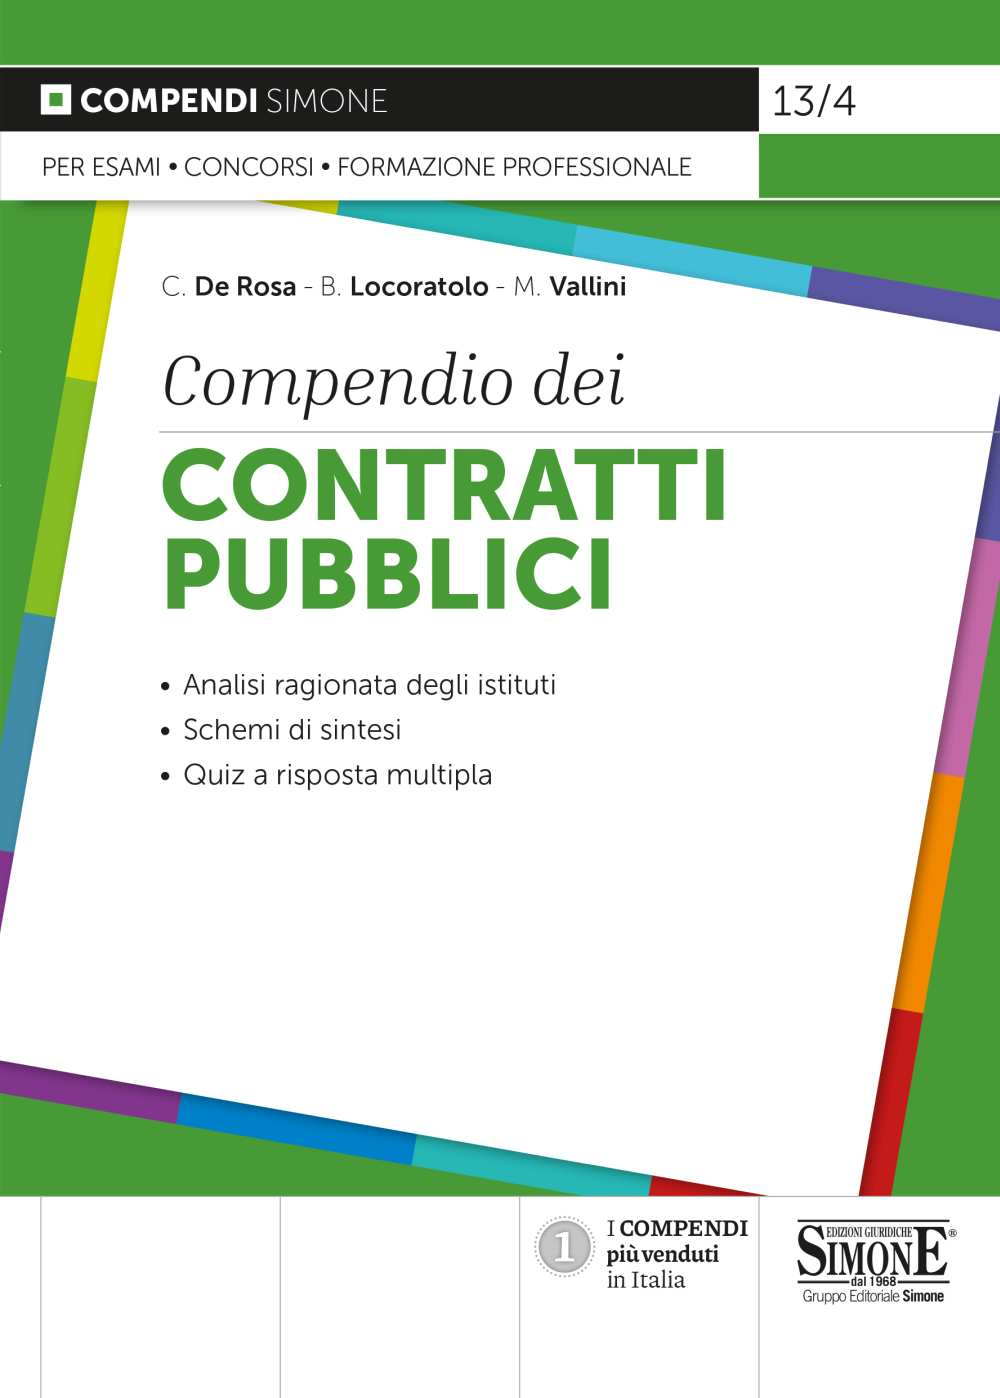 Compendio dei contratti pubblici 2021